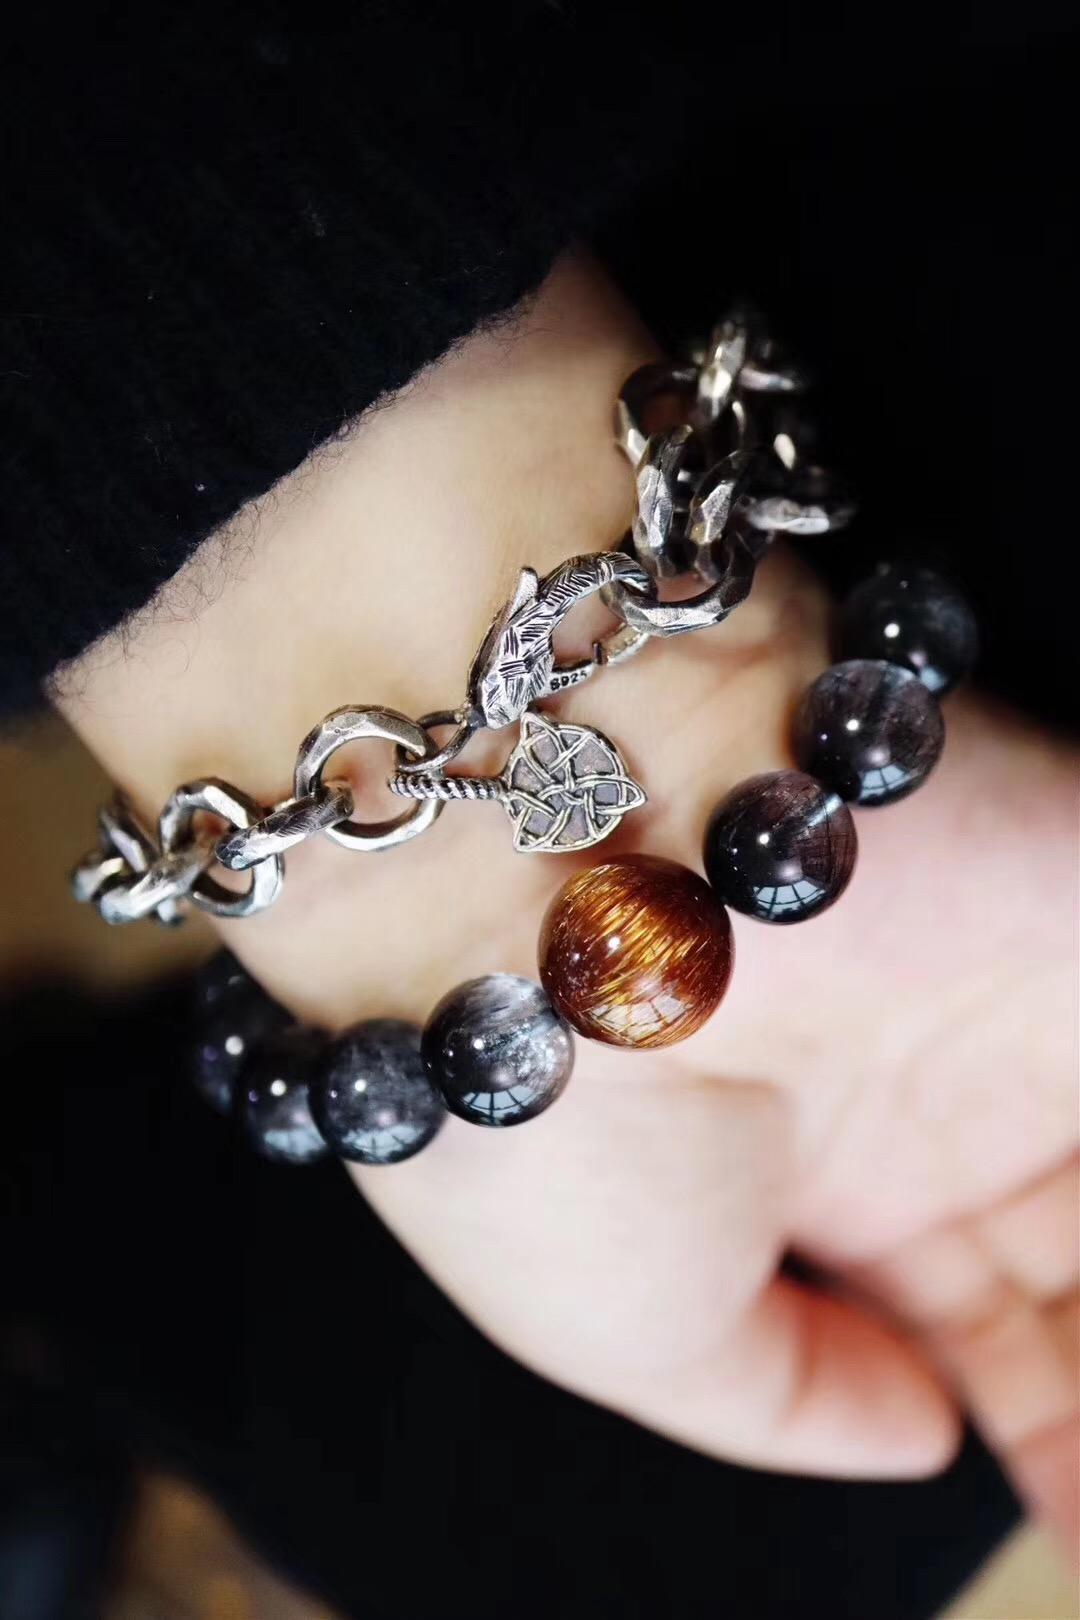 【如意宝珠阳光手链】材质:亚利桑那如意宝珠、利比亚黄金陨石-菩心晶舍